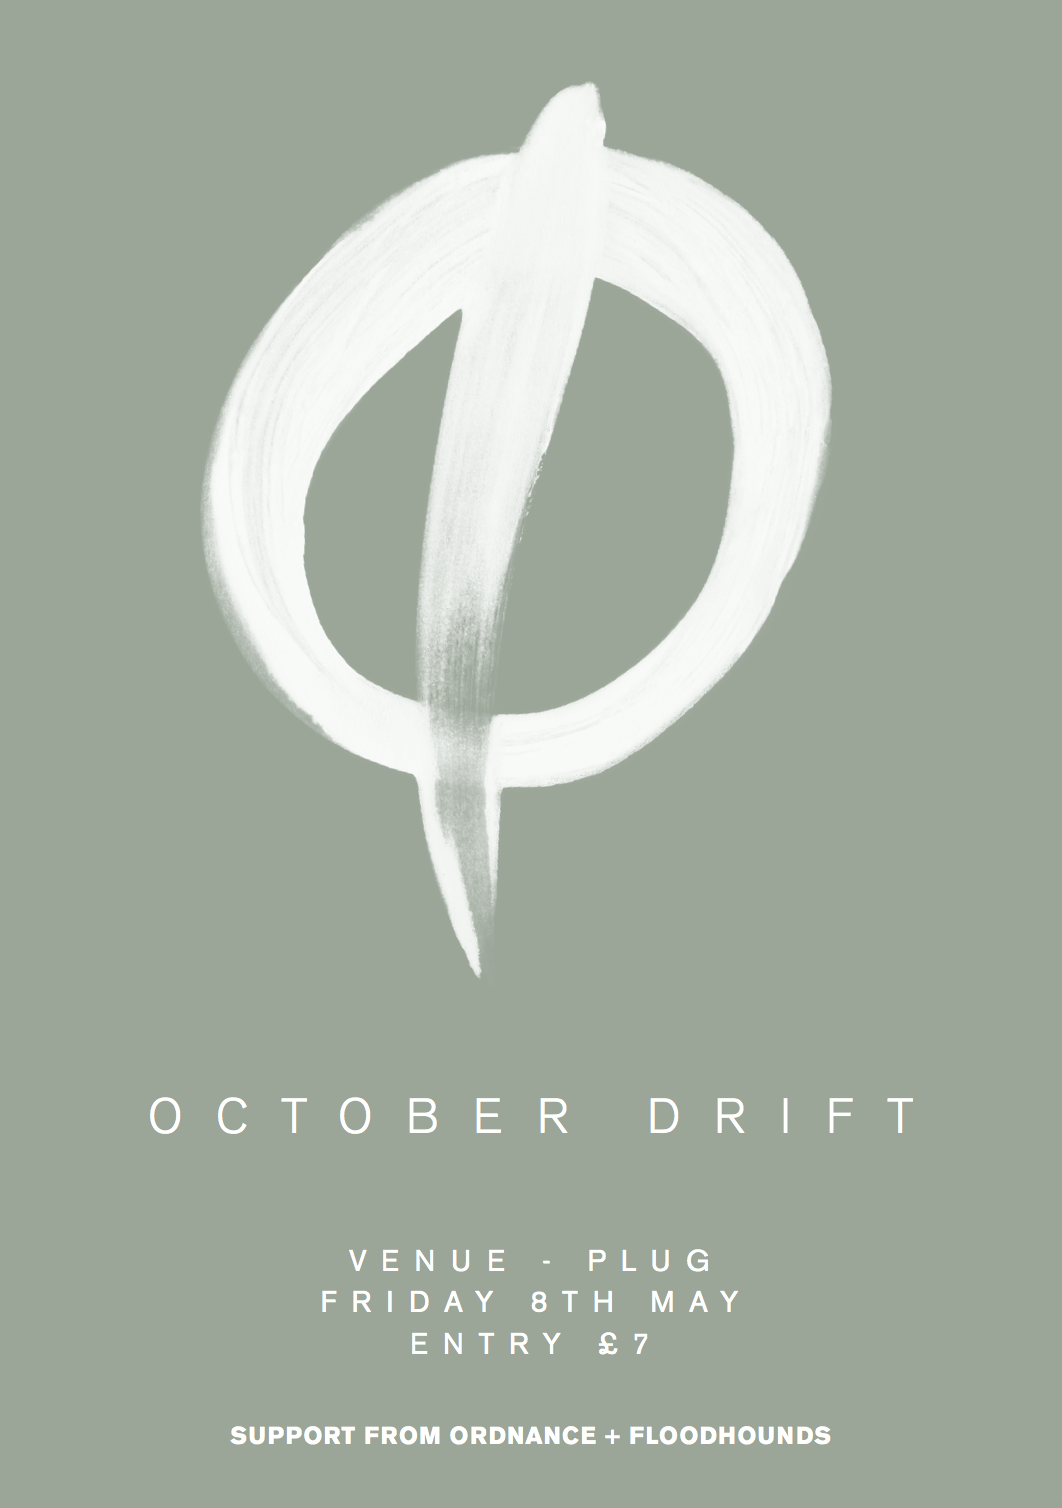 October Drift at Plug.png